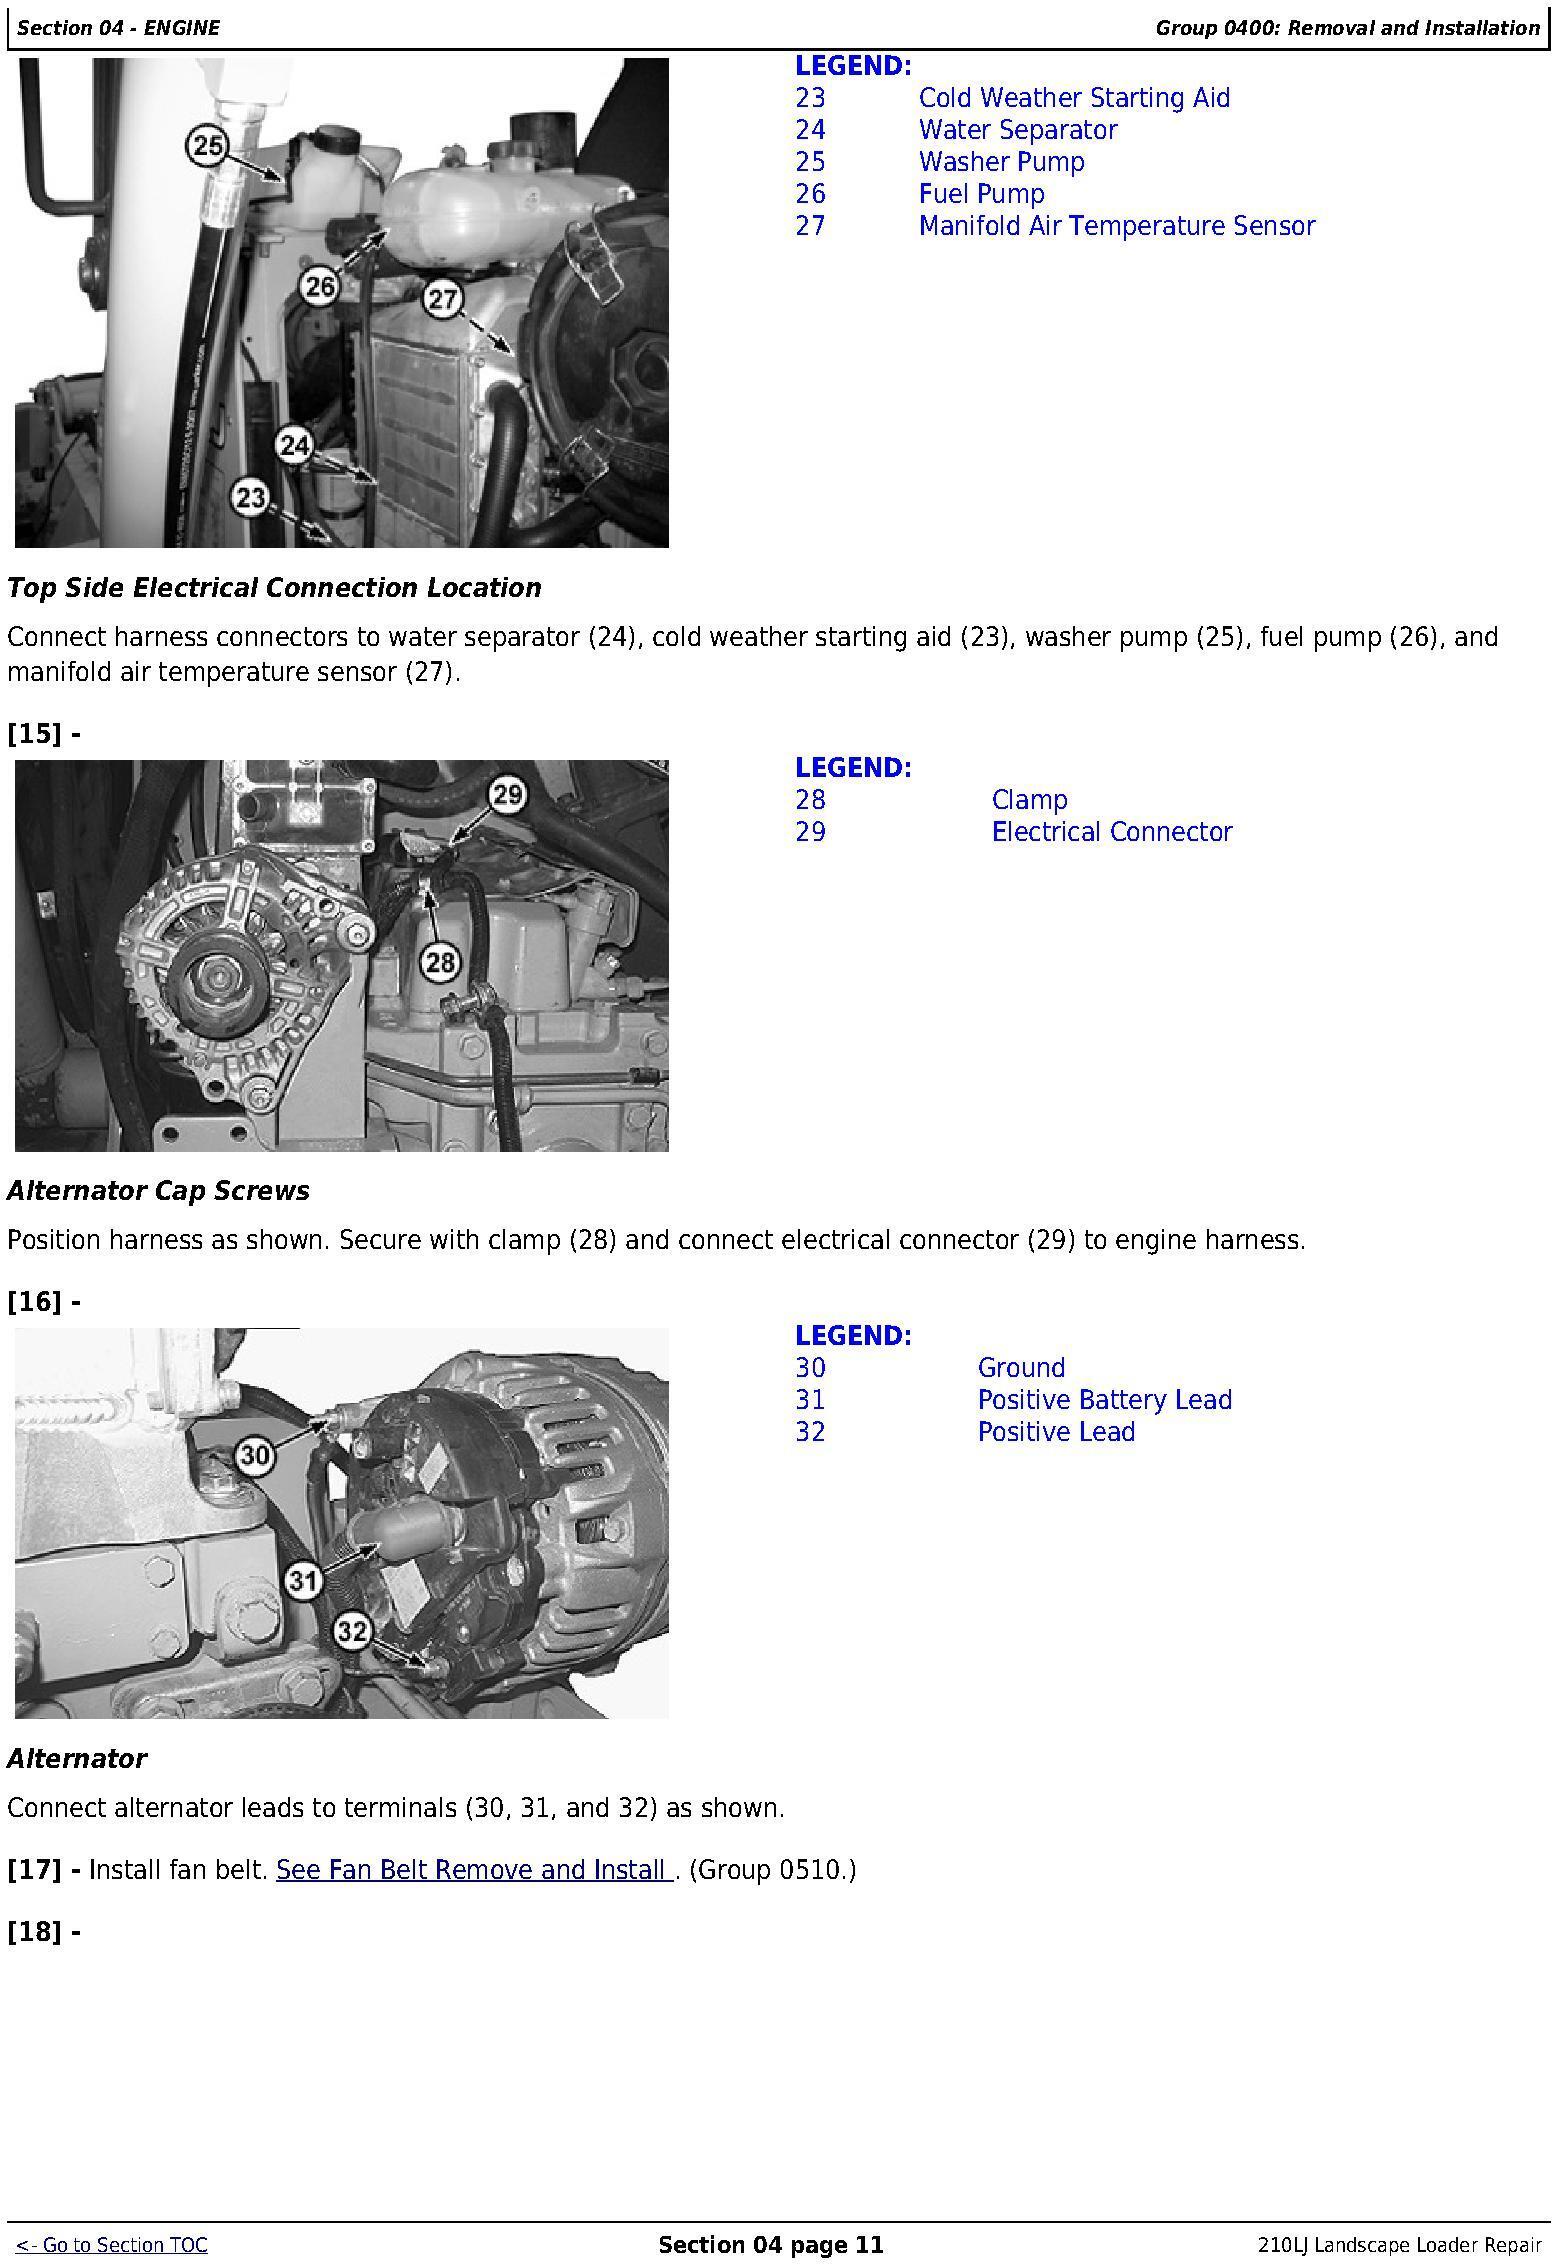 TM10731 - JD John Deere 210LJ Landscape Loader Repair Technical Manual - 2